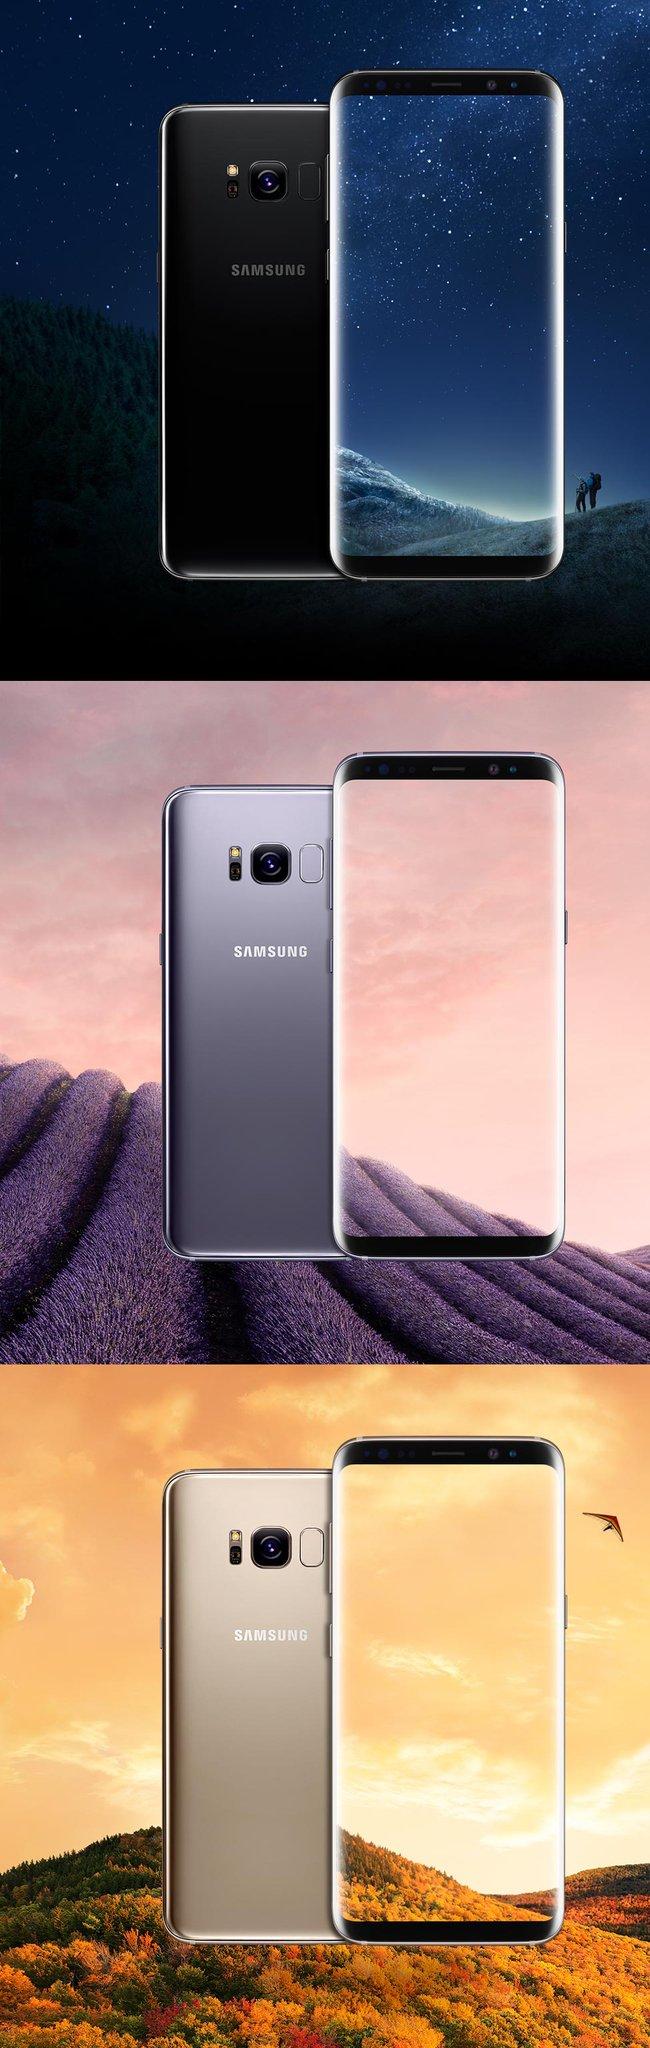 Galaxy S8 Plus1